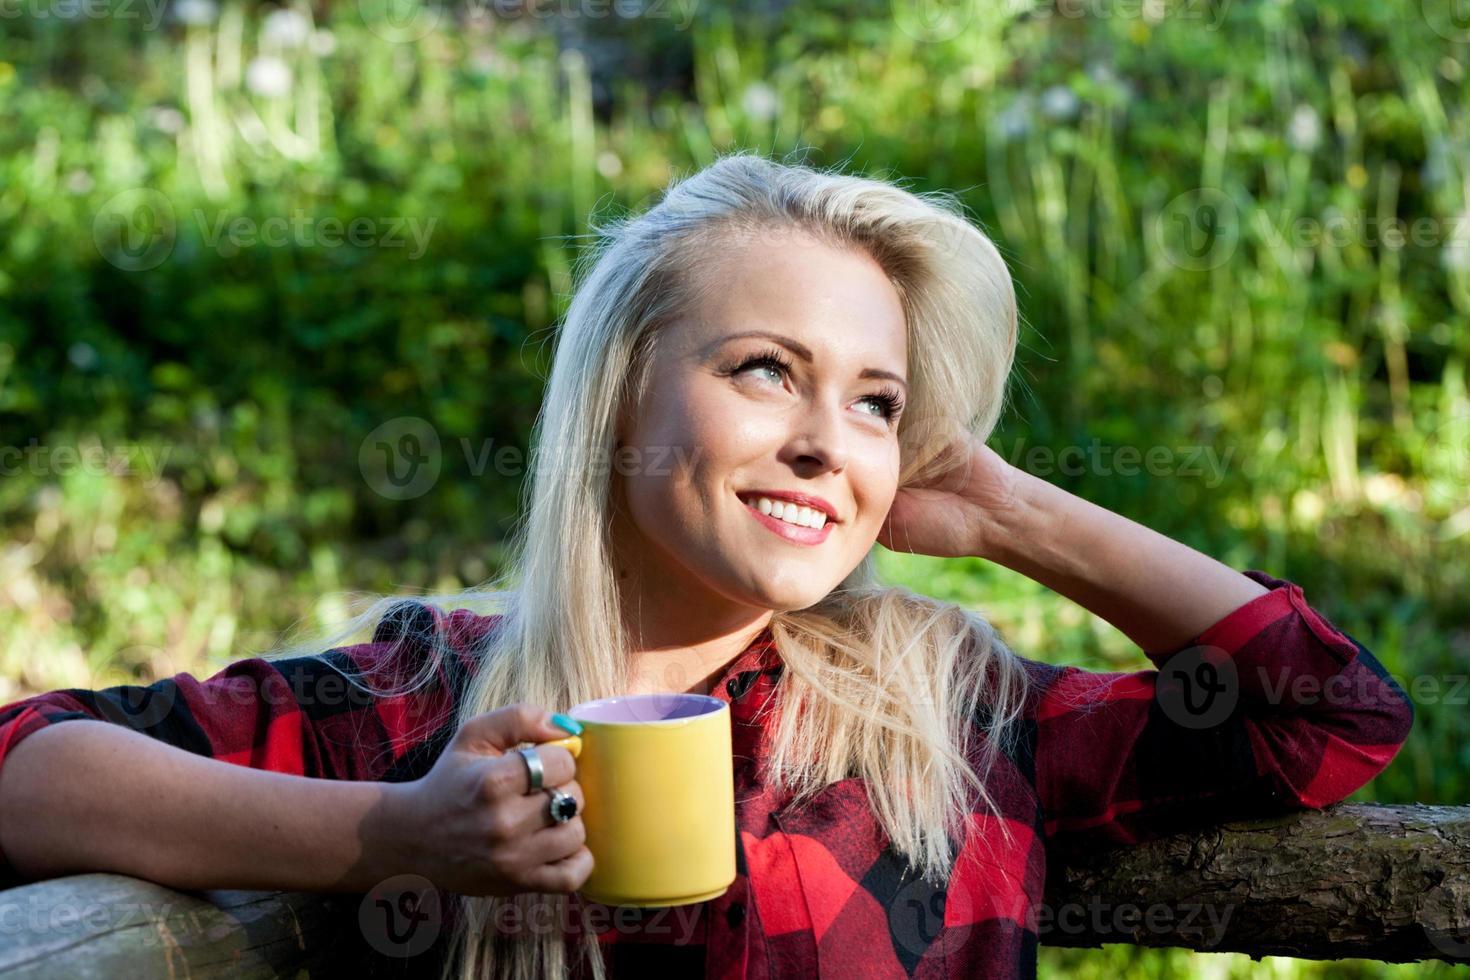 schönes Land blondes Mädchen trinken foto